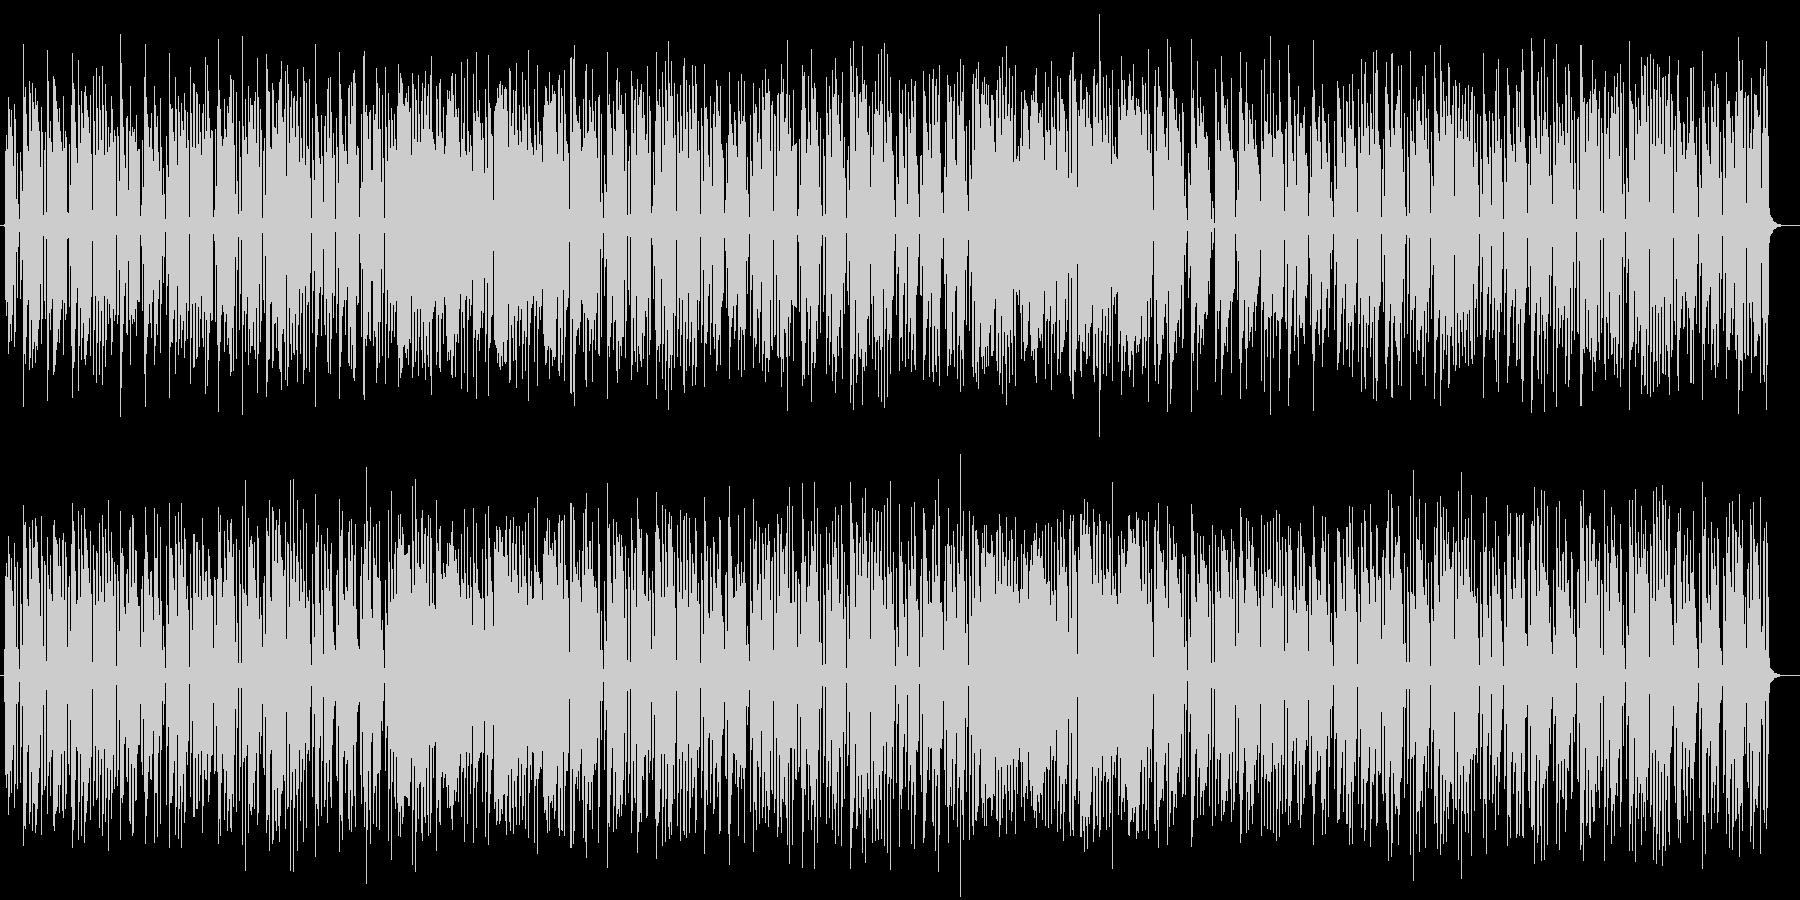 ゆるやかで可愛らしいポップミュージックの未再生の波形